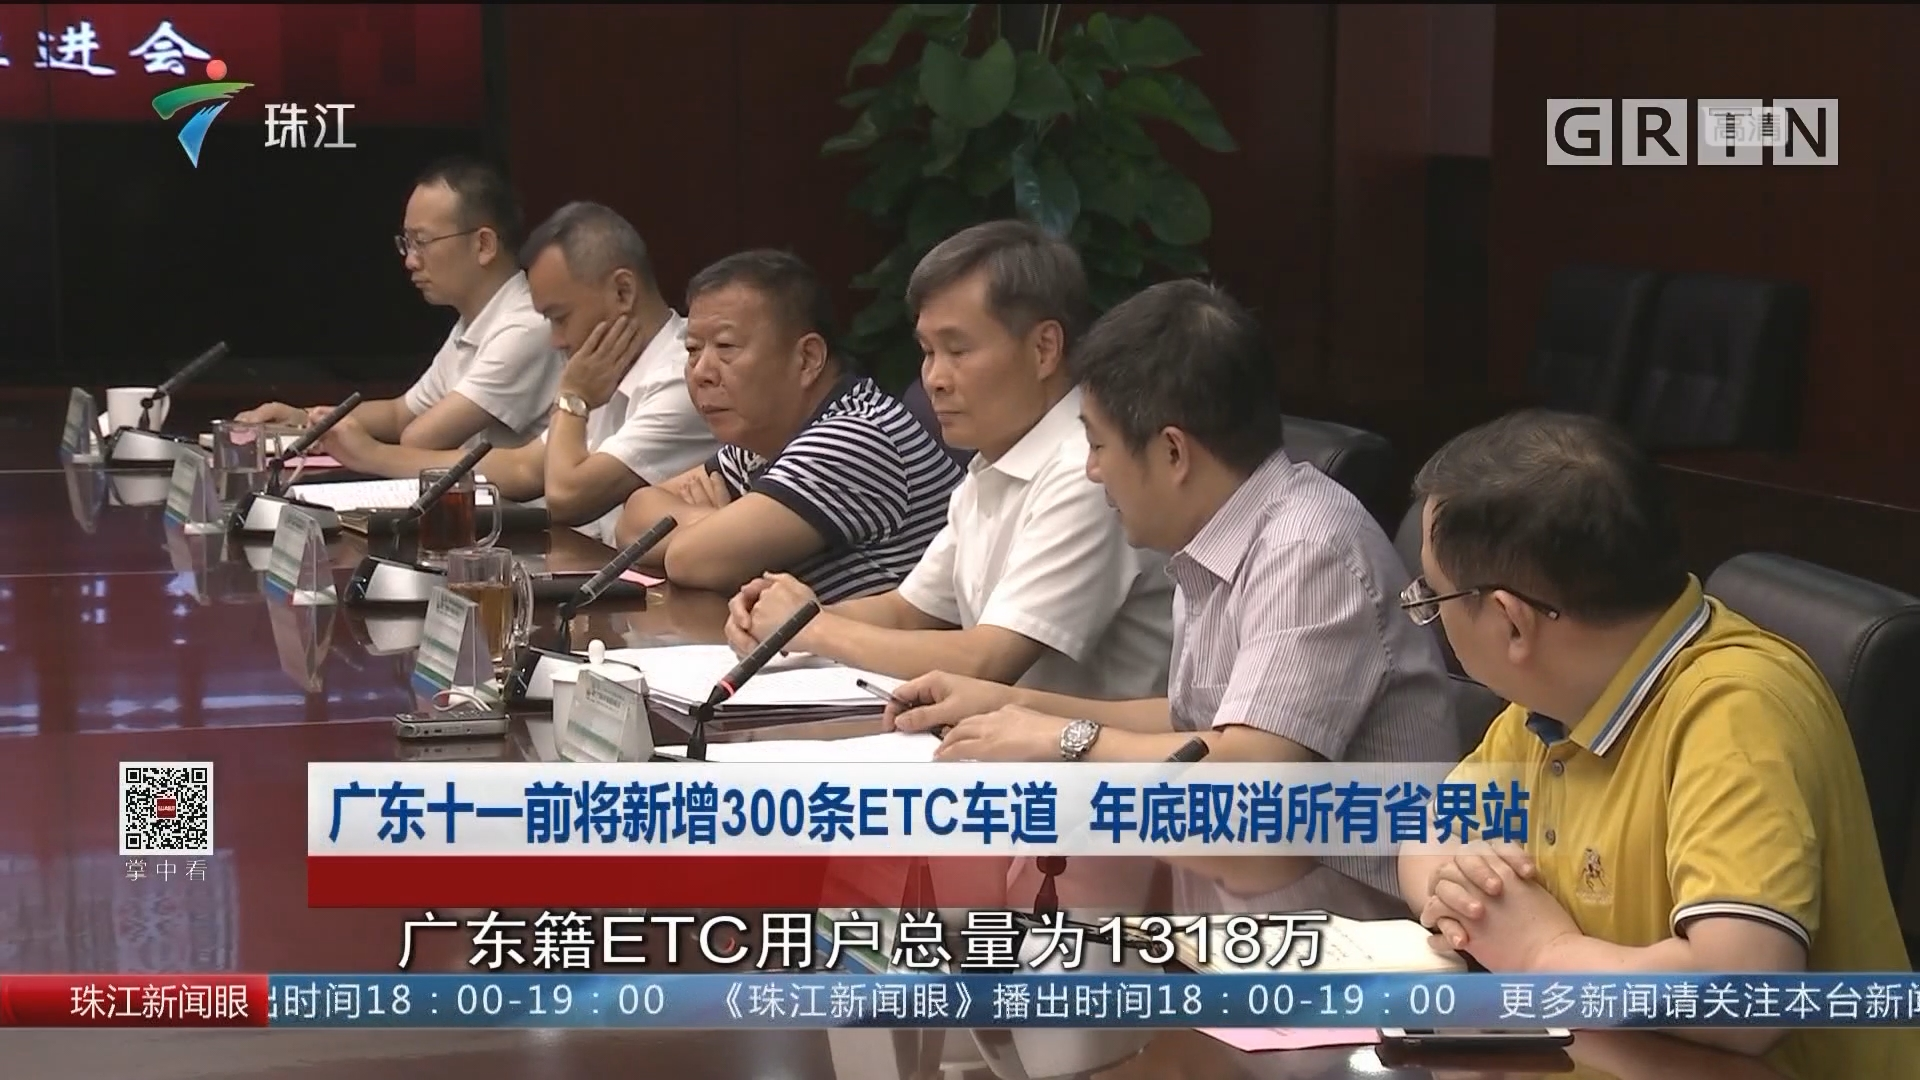 广东十一前将新增300条ETC车道 年底取消所有省界站